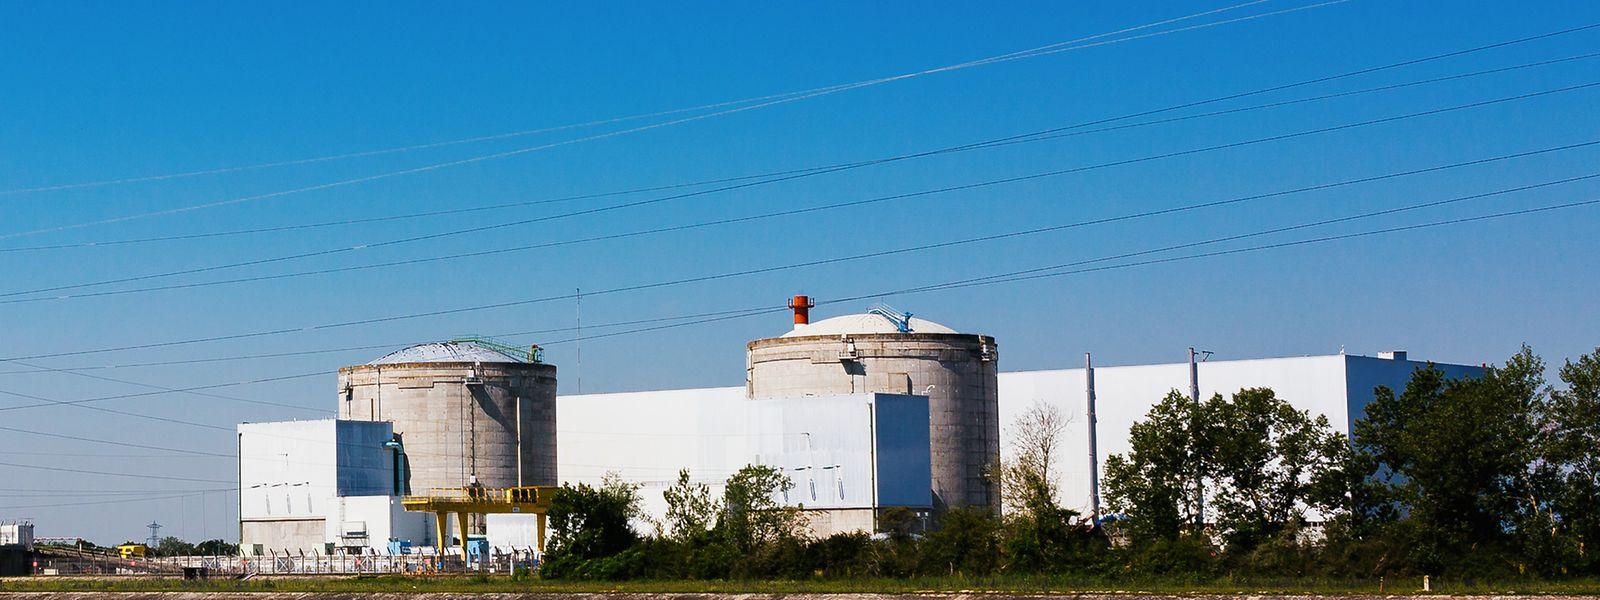 Die beiden Reaktorgebäude des Kernkraftwerks (AKW) Fessenheim.